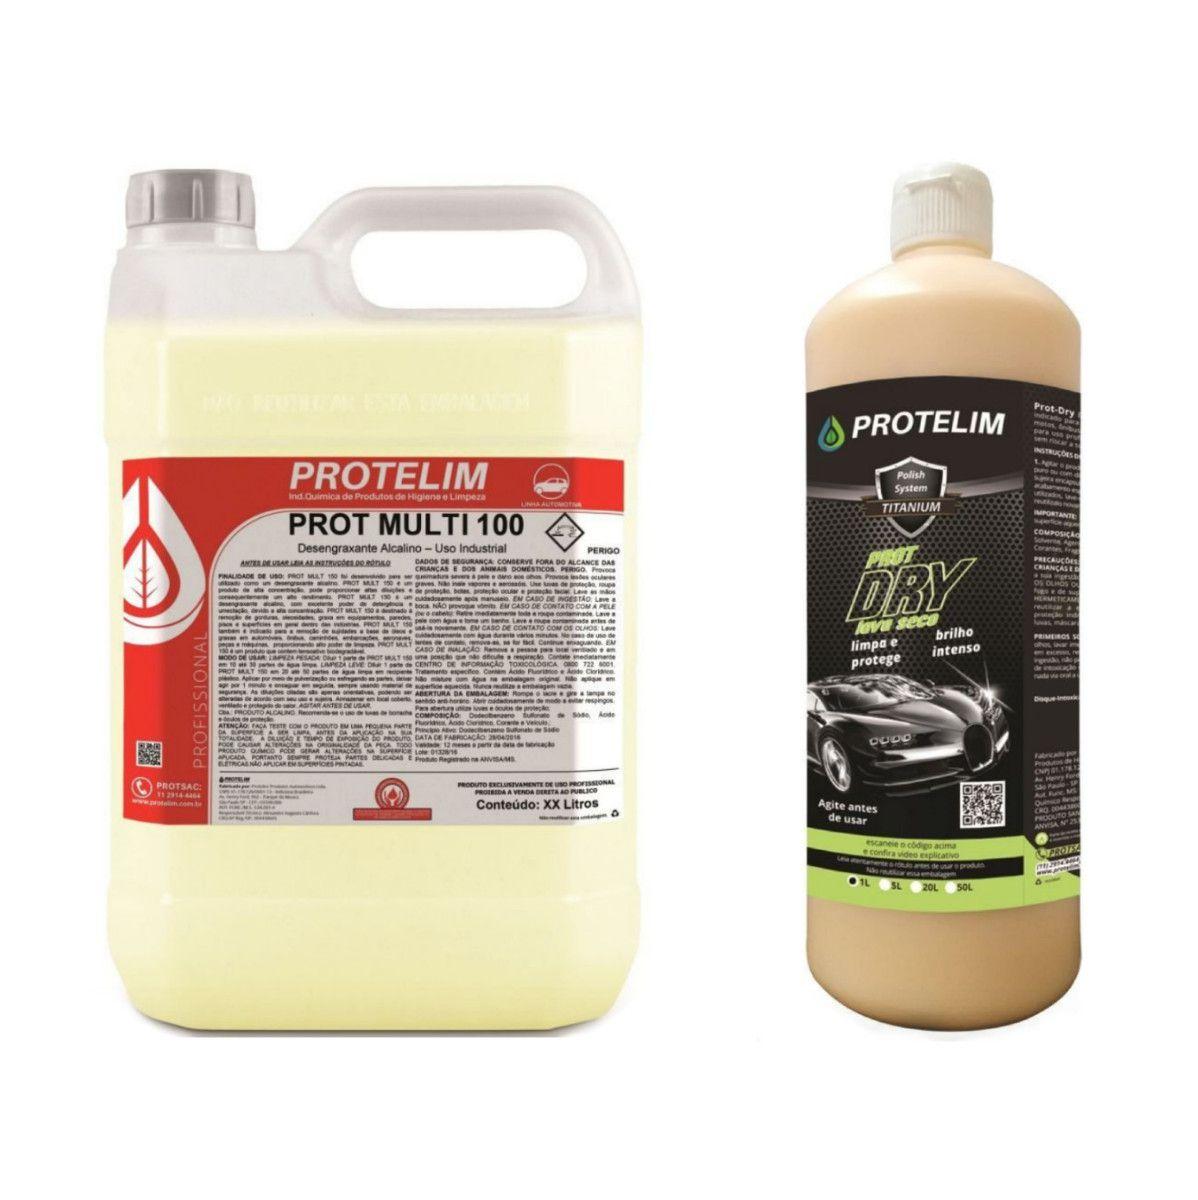 Lava A Seco Prot-dry 1l + Prot Multi 100 Multiuso Concentrado 5l Protelim